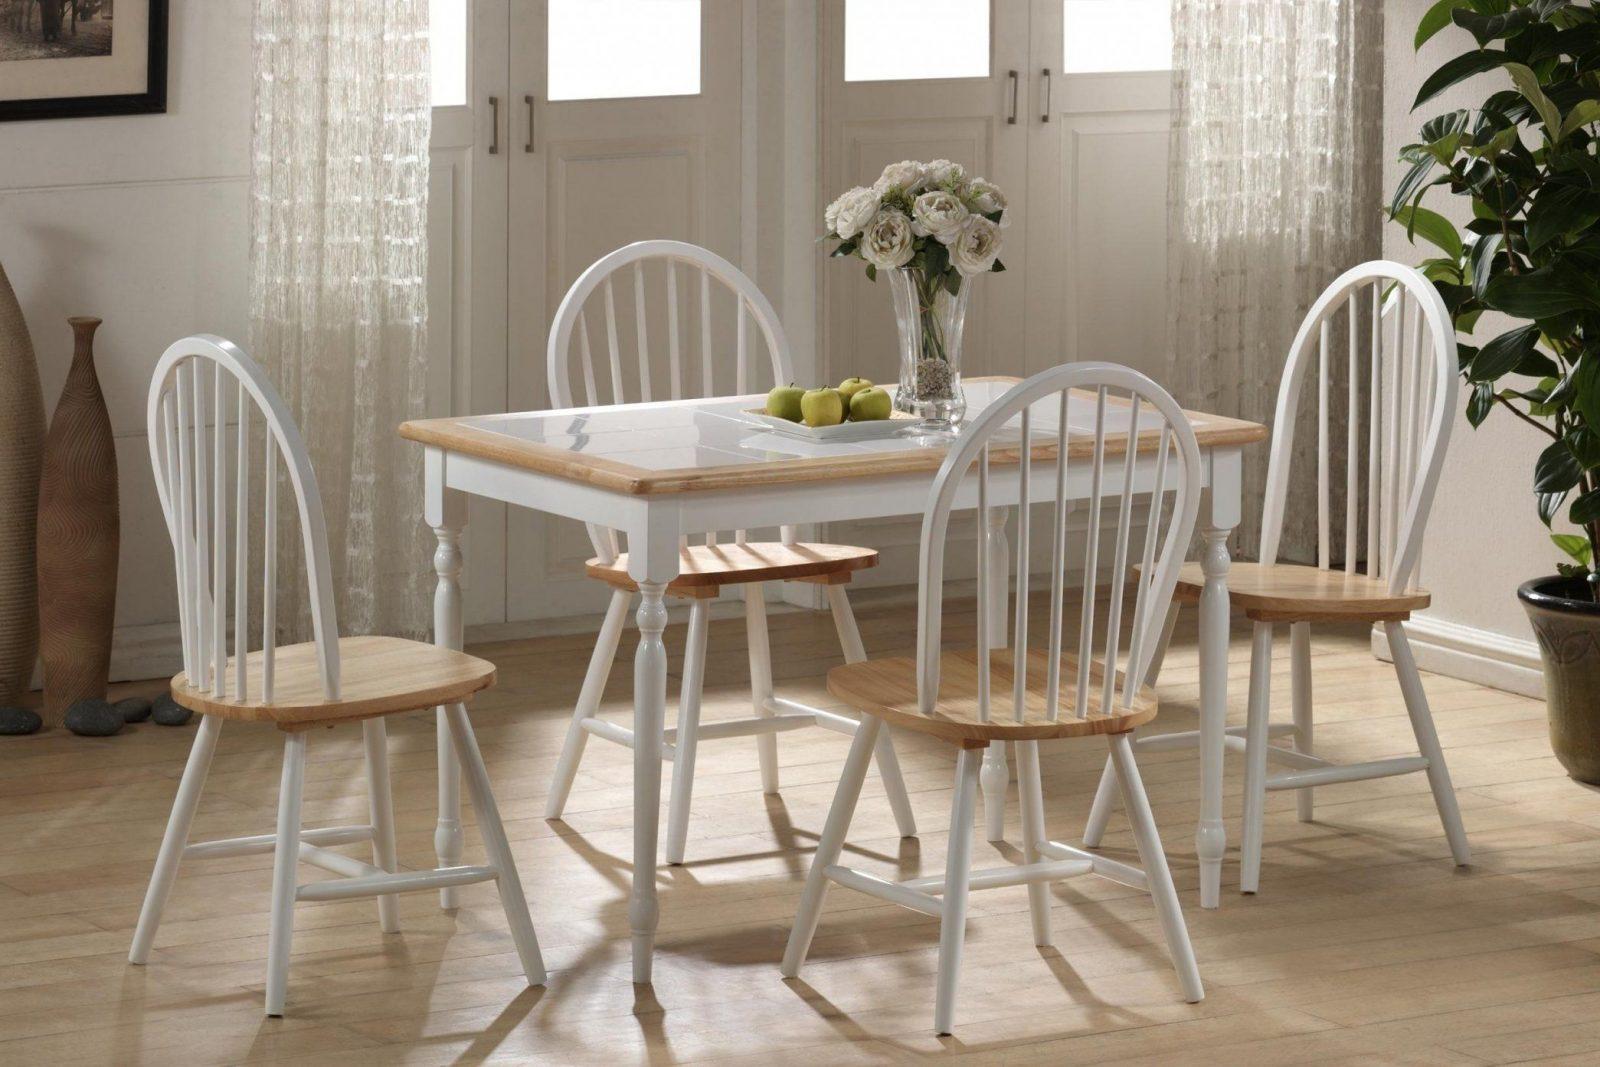 Esszimmer Möbel Schwarz Tisch Und Stühle Weiß Holz Tisch Kompakte